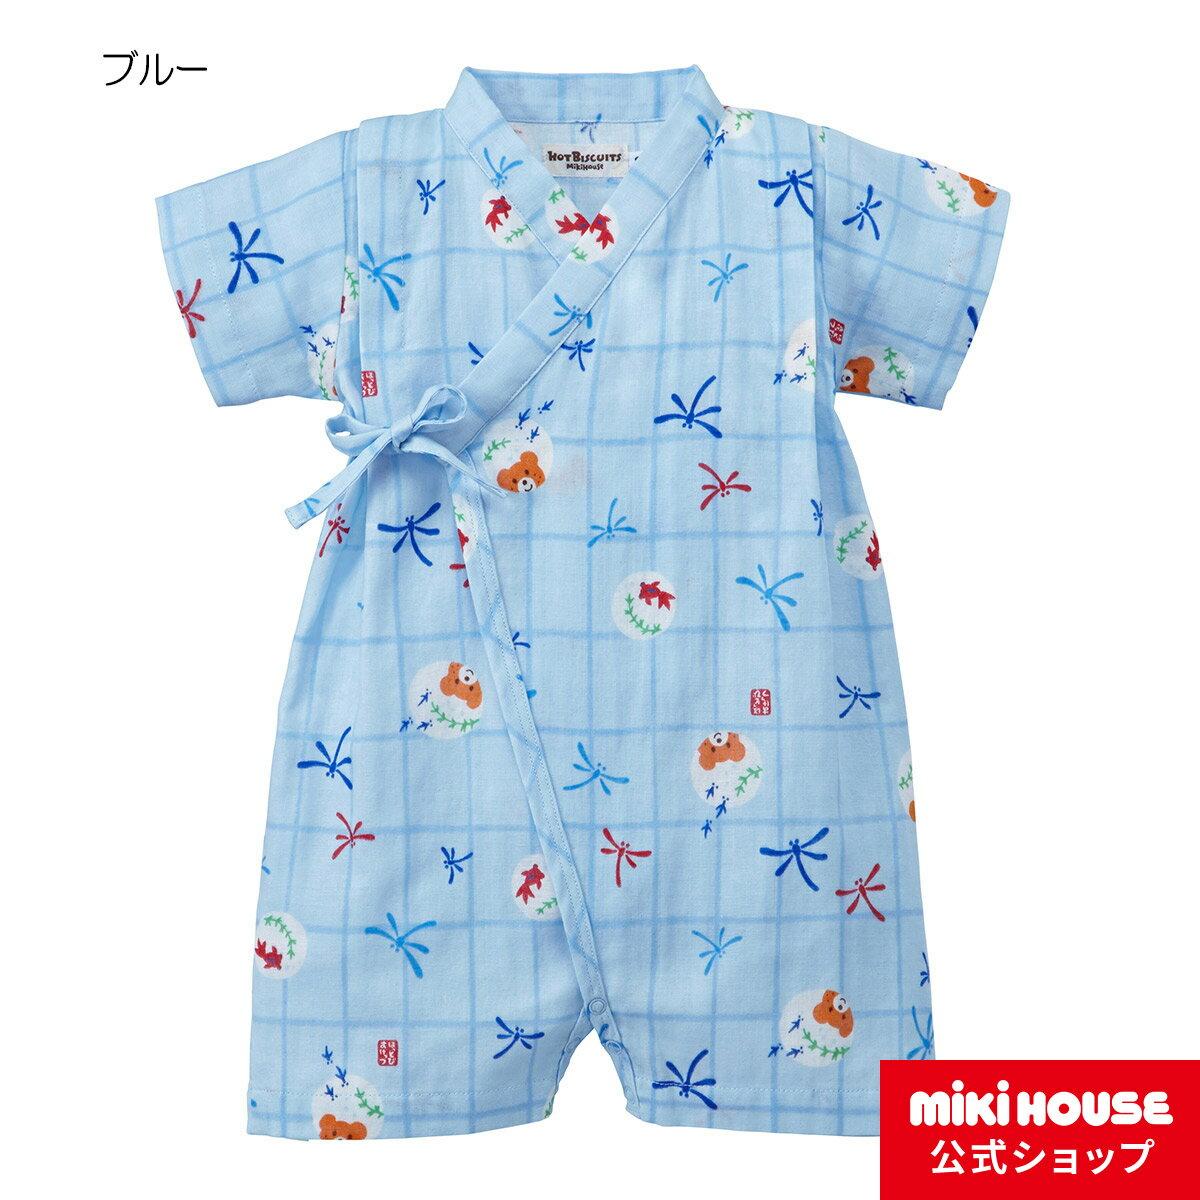 ミキハウス ホットビスケッツ mikihouse トンボ&金魚柄ガーゼ甚平オール〈SS-M(50cm-80cm)〉 ベビー用品 ベビー 赤ちゃん 男の子 ブルー